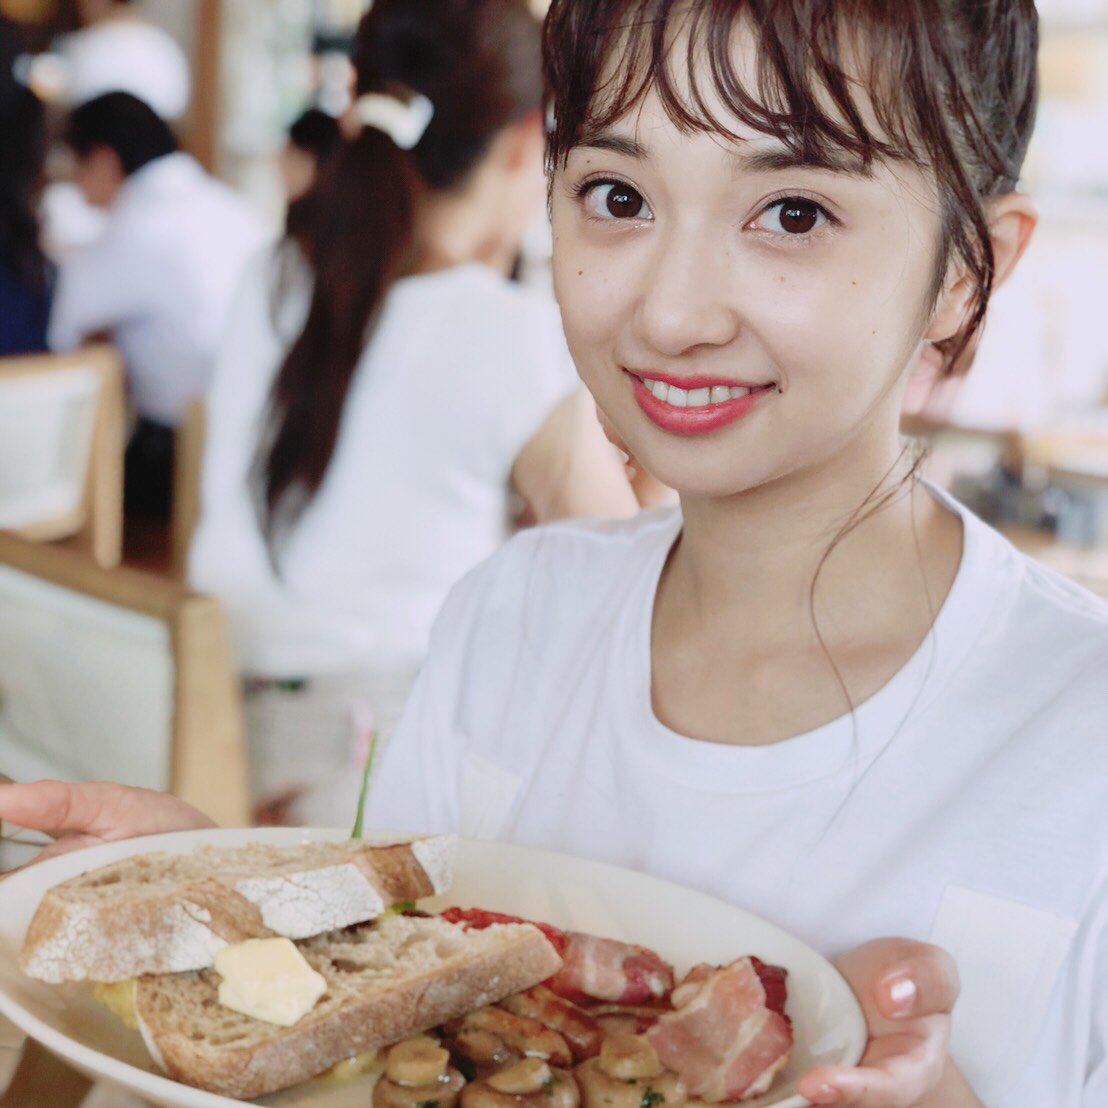 おはようございます☀ 日曜日は函館記念でしたね! 函館はおいしいものがたくさんあるから行きたいなぁ…! と思いながら、東京で私はこれをいただきます🍽 #うまび